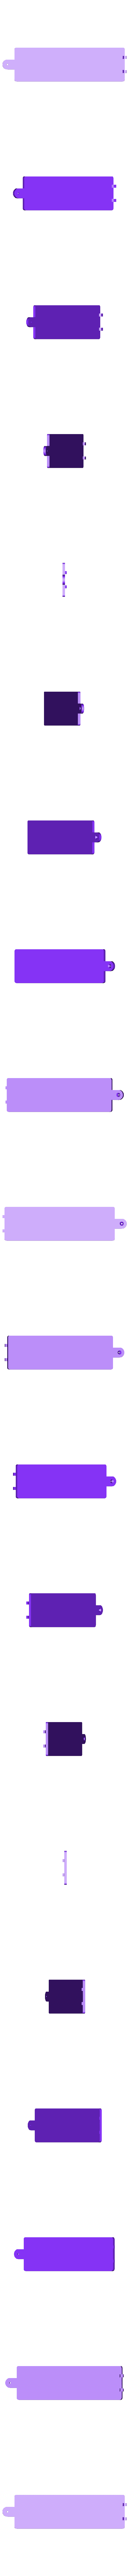 couvercle.stl Télécharger fichier STL cadre photo pour lithophanie avec insert à piles • Plan pour impression 3D, fabricewou